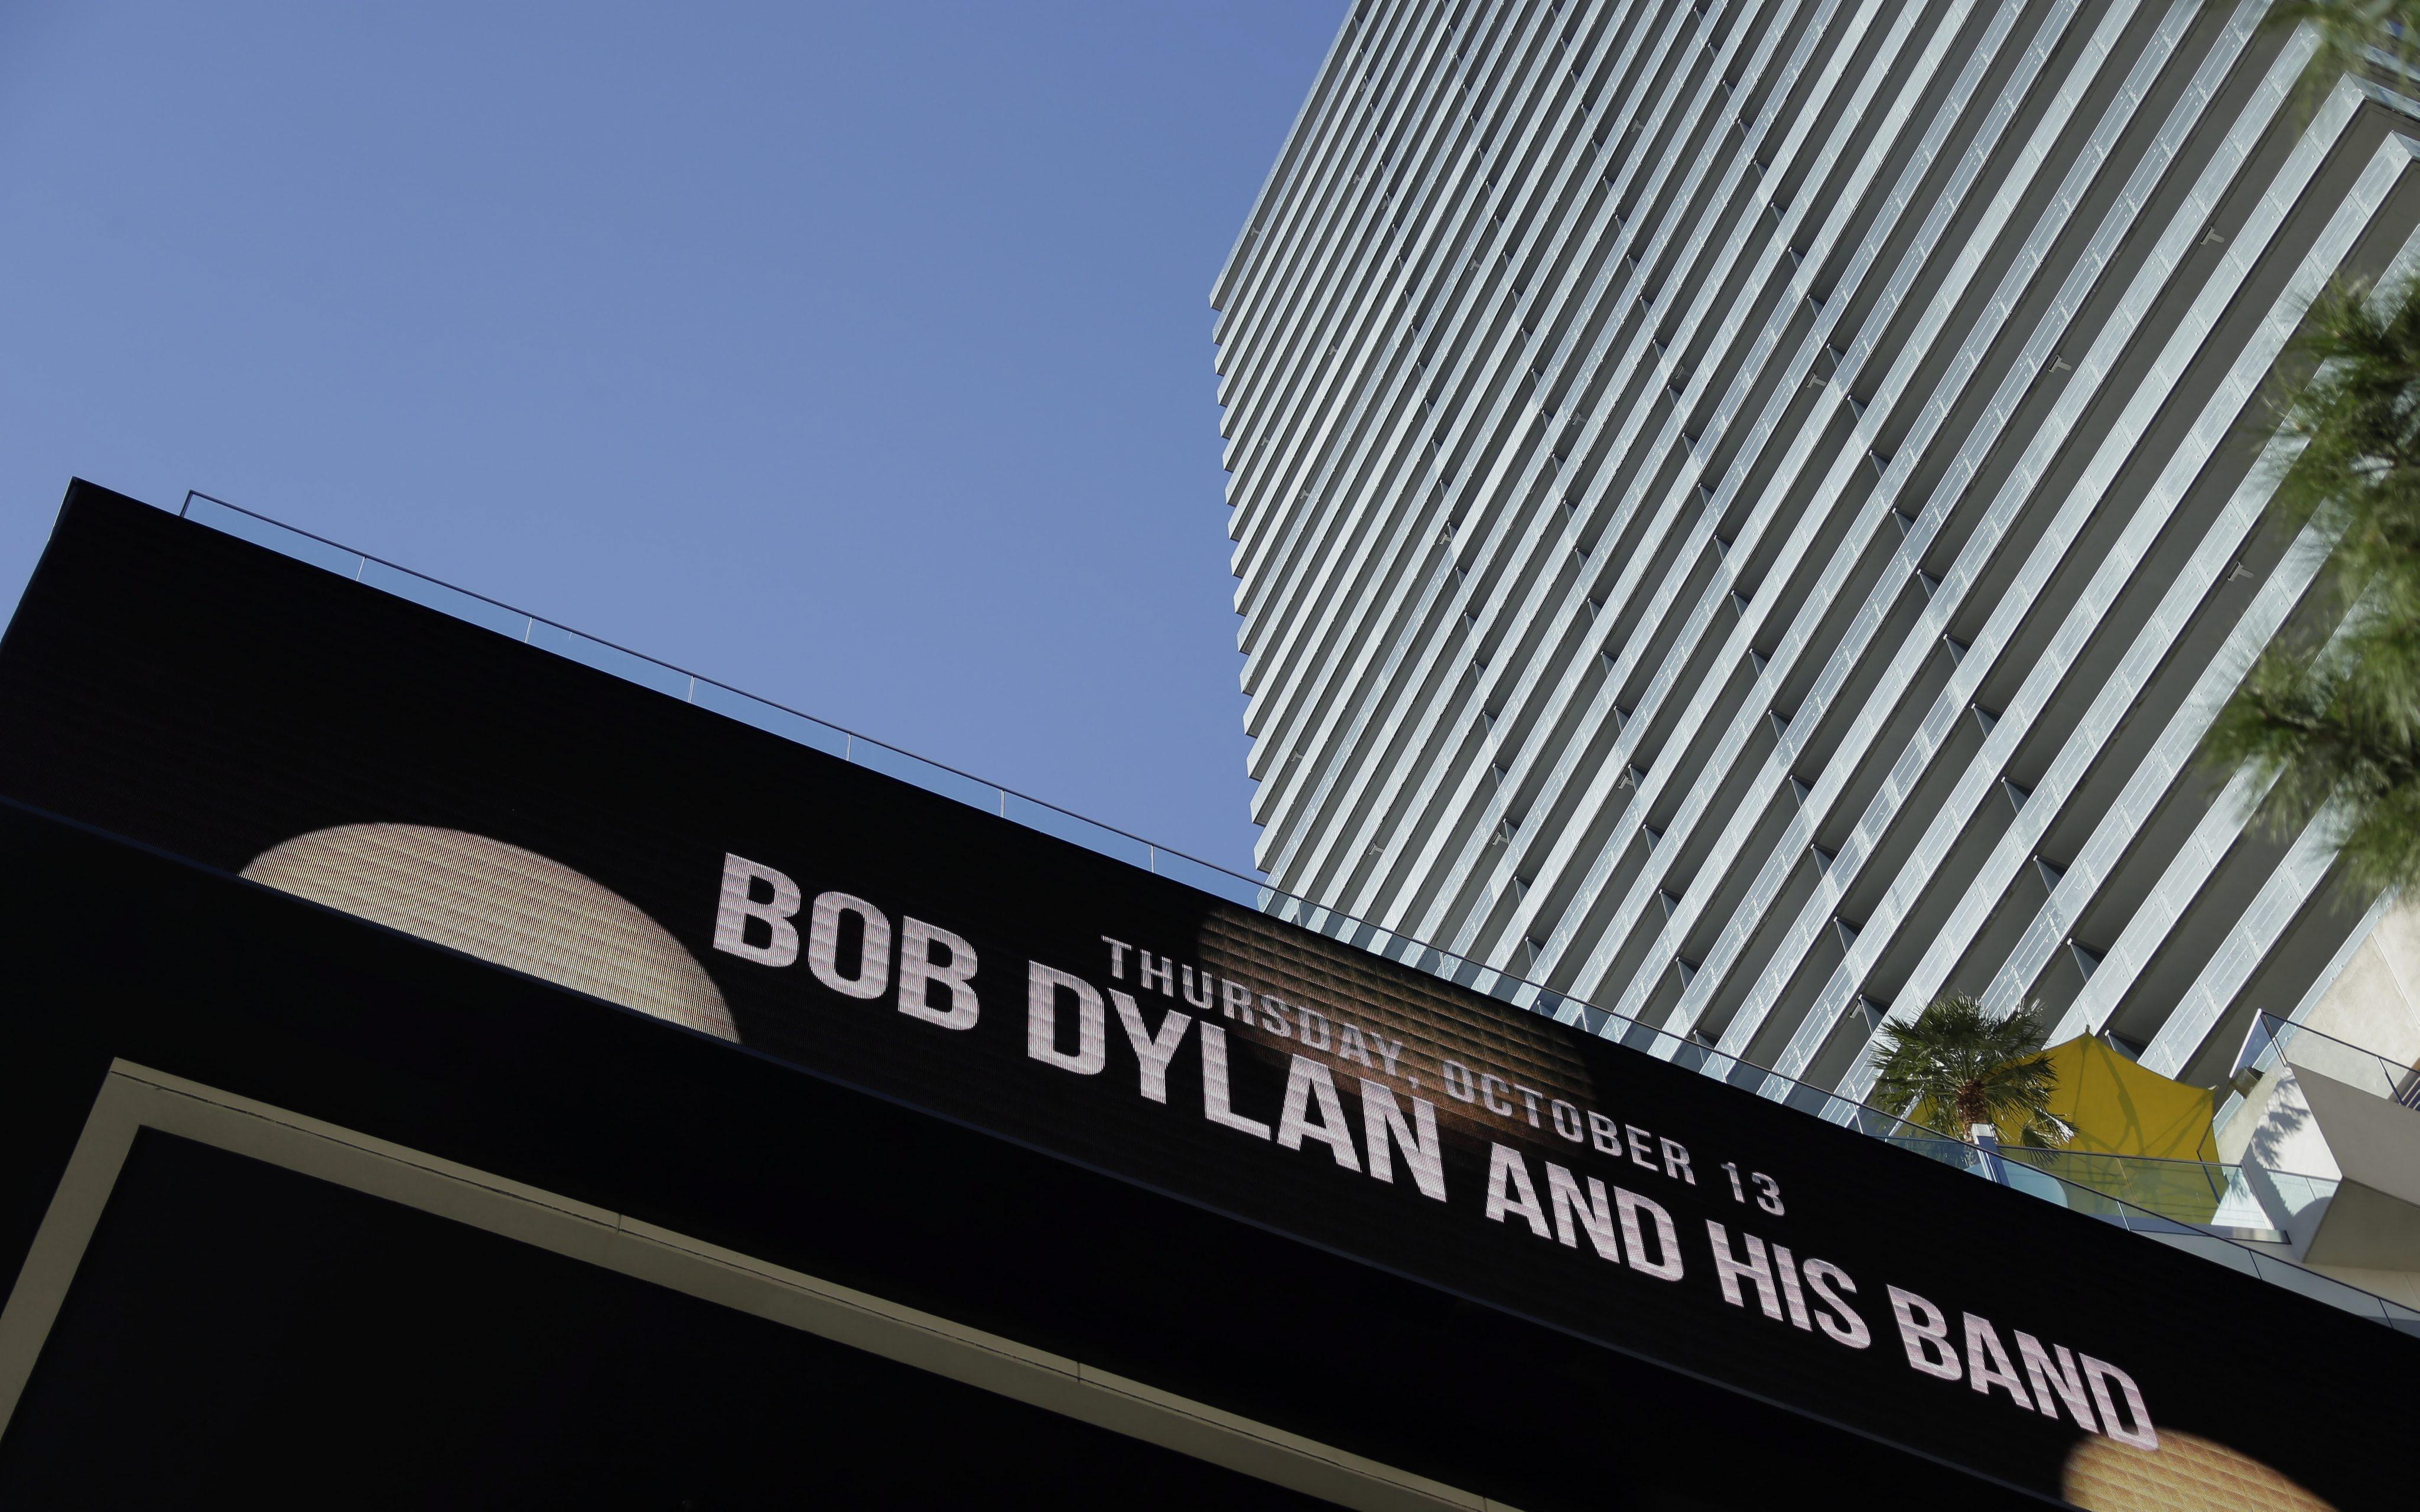 Bob Dylan dostał literackiego Nobla 2016. Wywołało to niemałe zaskoczenie wśród publiczności zgromadzonej w Sali Giełdy w Sztokholmie. Nie był faworytem w tegorocznych przednoblowskich spekulacjach, ale jego nazwisko jako potencjalnego kandydata do Nobla pojawiało się w poprzednich latach. Wielu obstawiało jednak, że po ponad 20 latach Nobel trafi nareszcie do autora z USA.